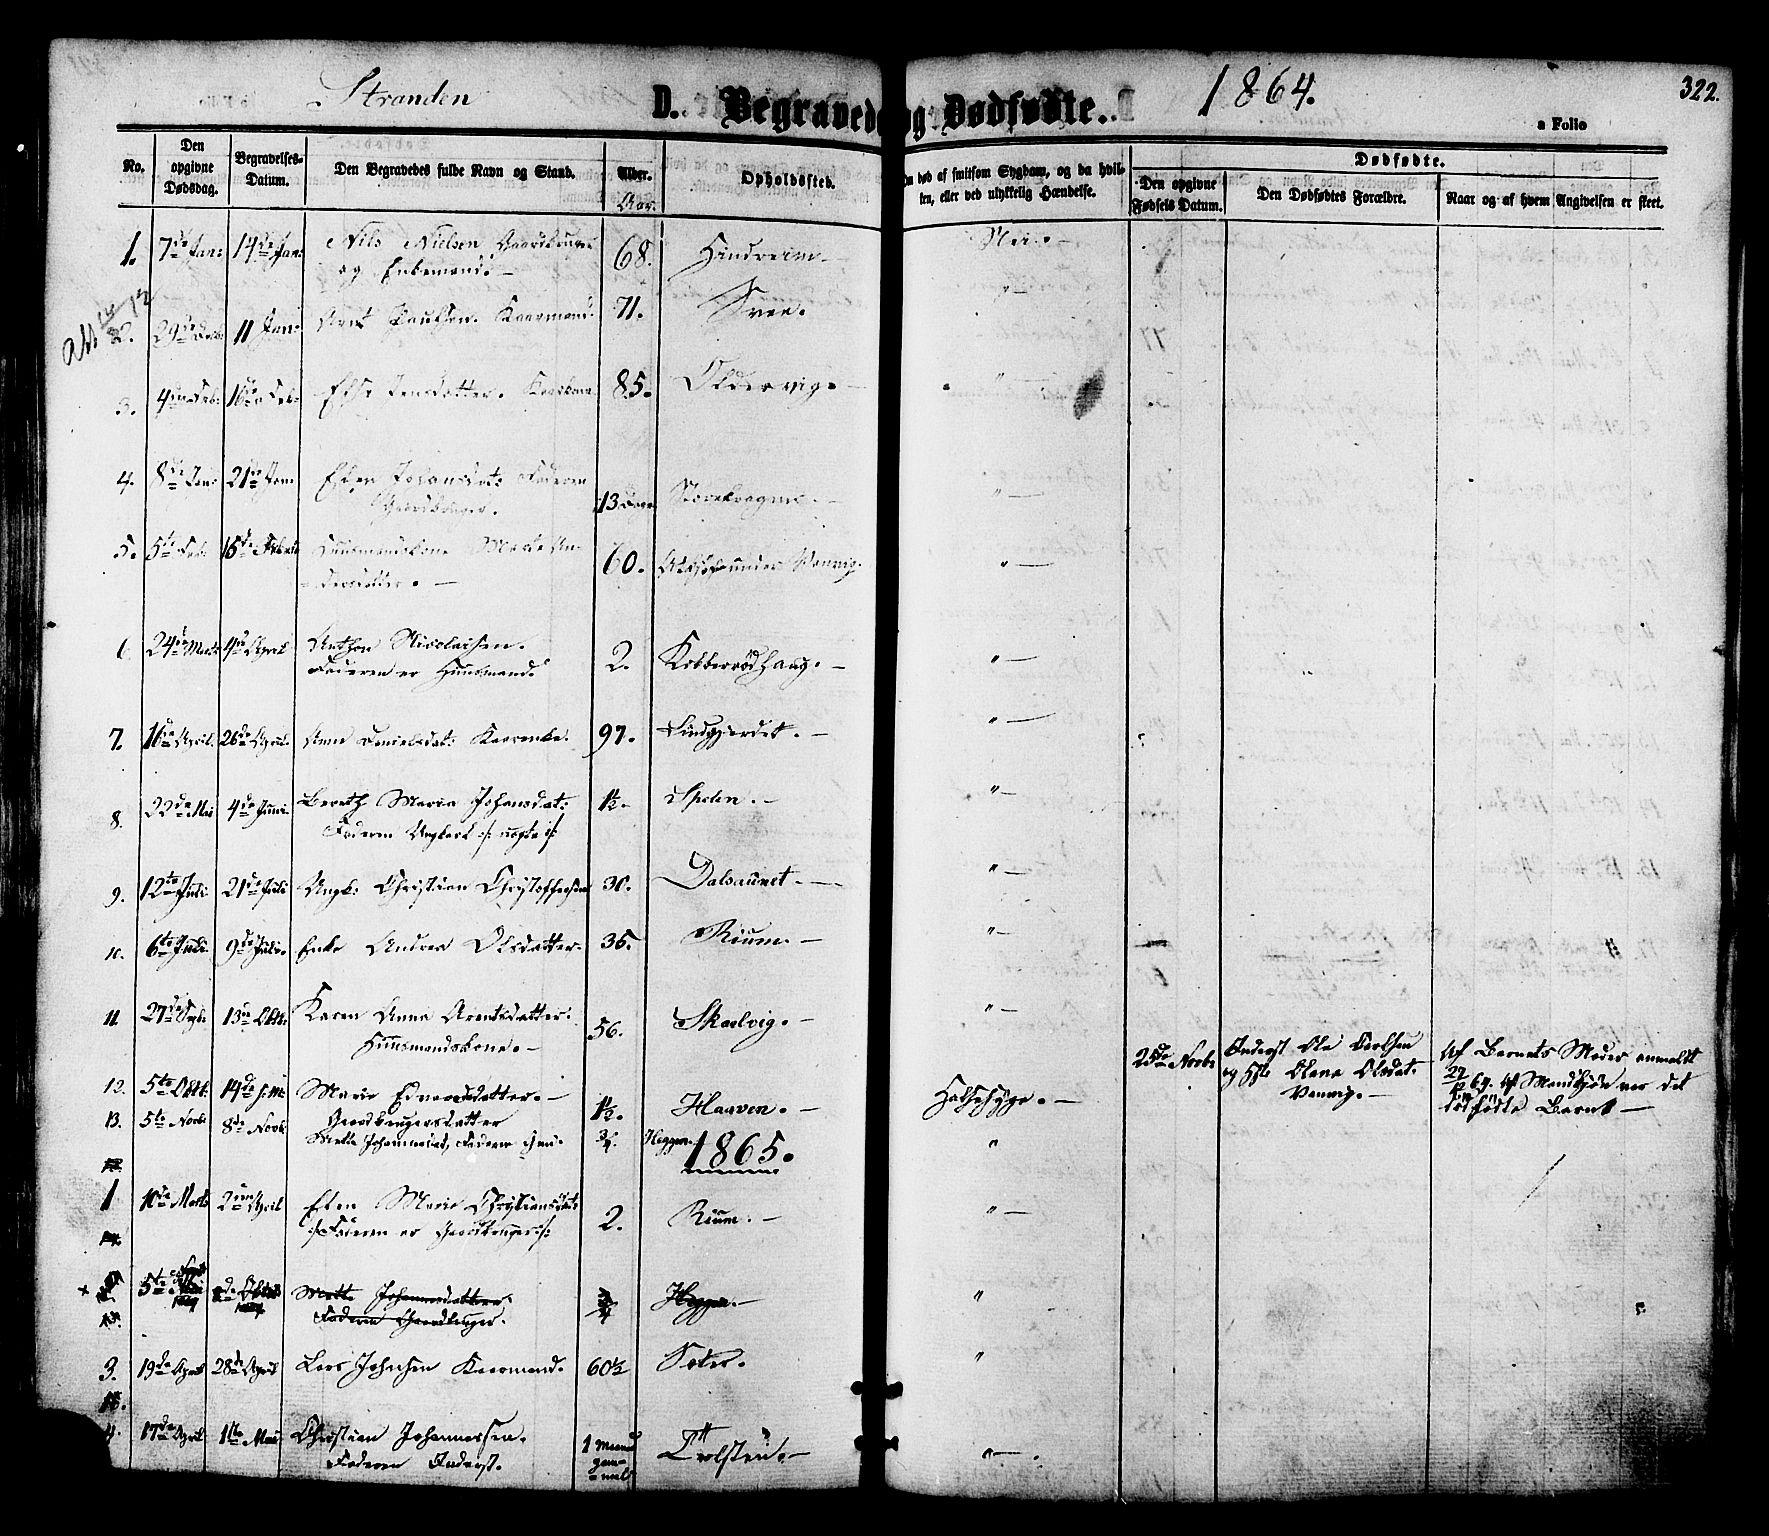 SAT, Ministerialprotokoller, klokkerbøker og fødselsregistre - Nord-Trøndelag, 701/L0009: Parish register (official) no. 701A09 /2, 1864-1882, p. 322